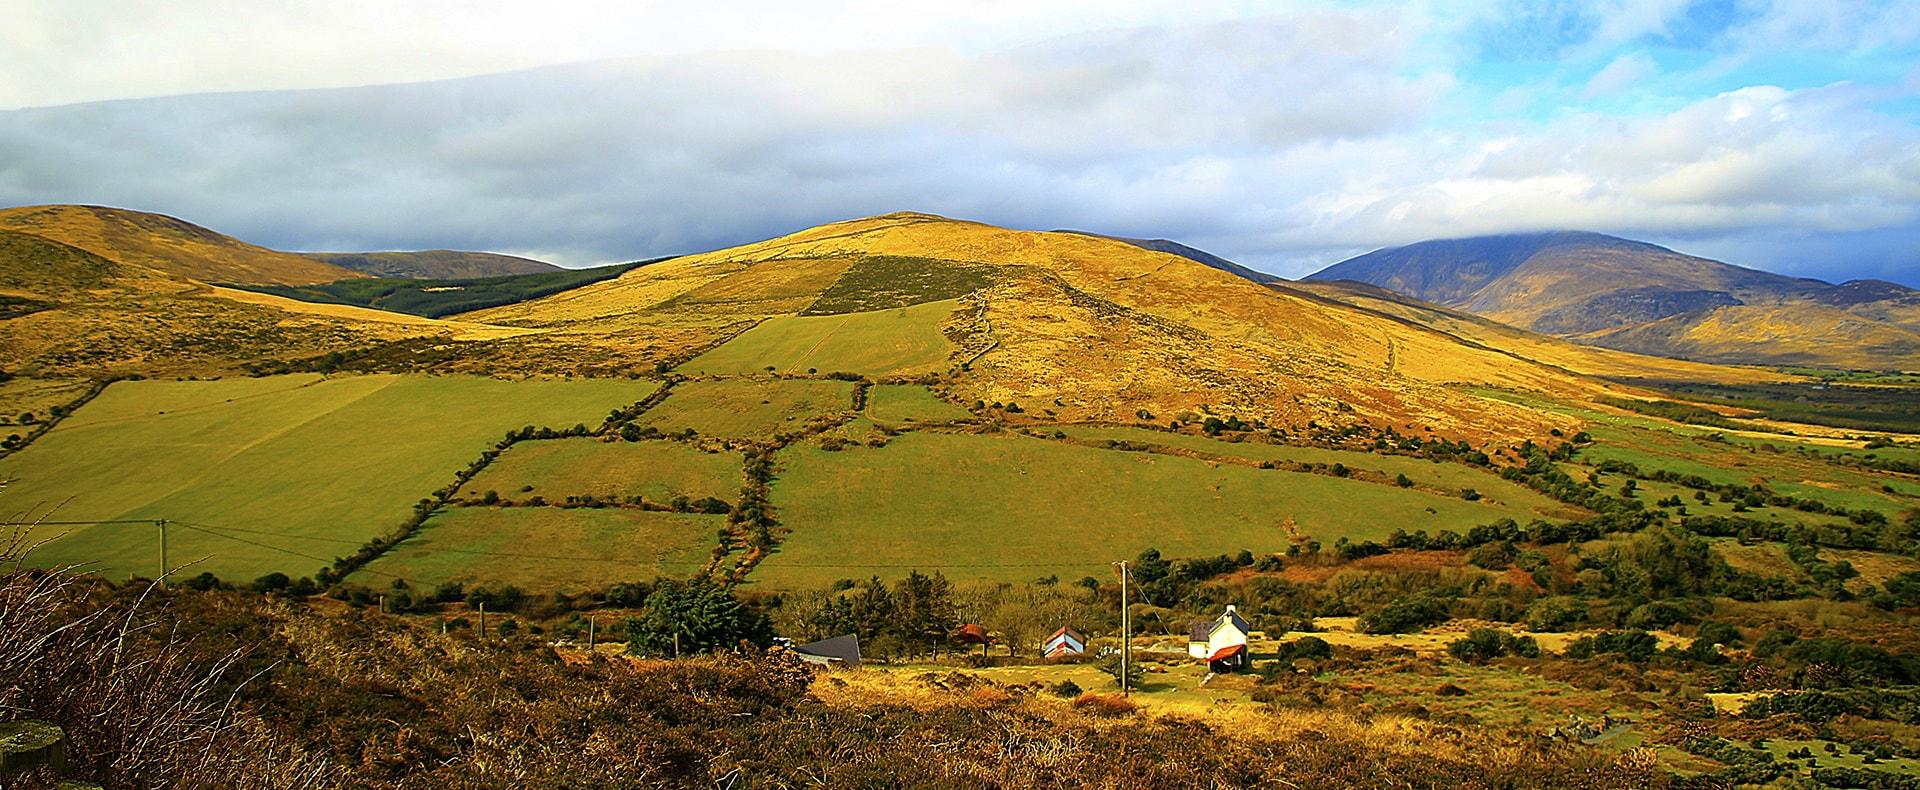 Anascal, Ireland